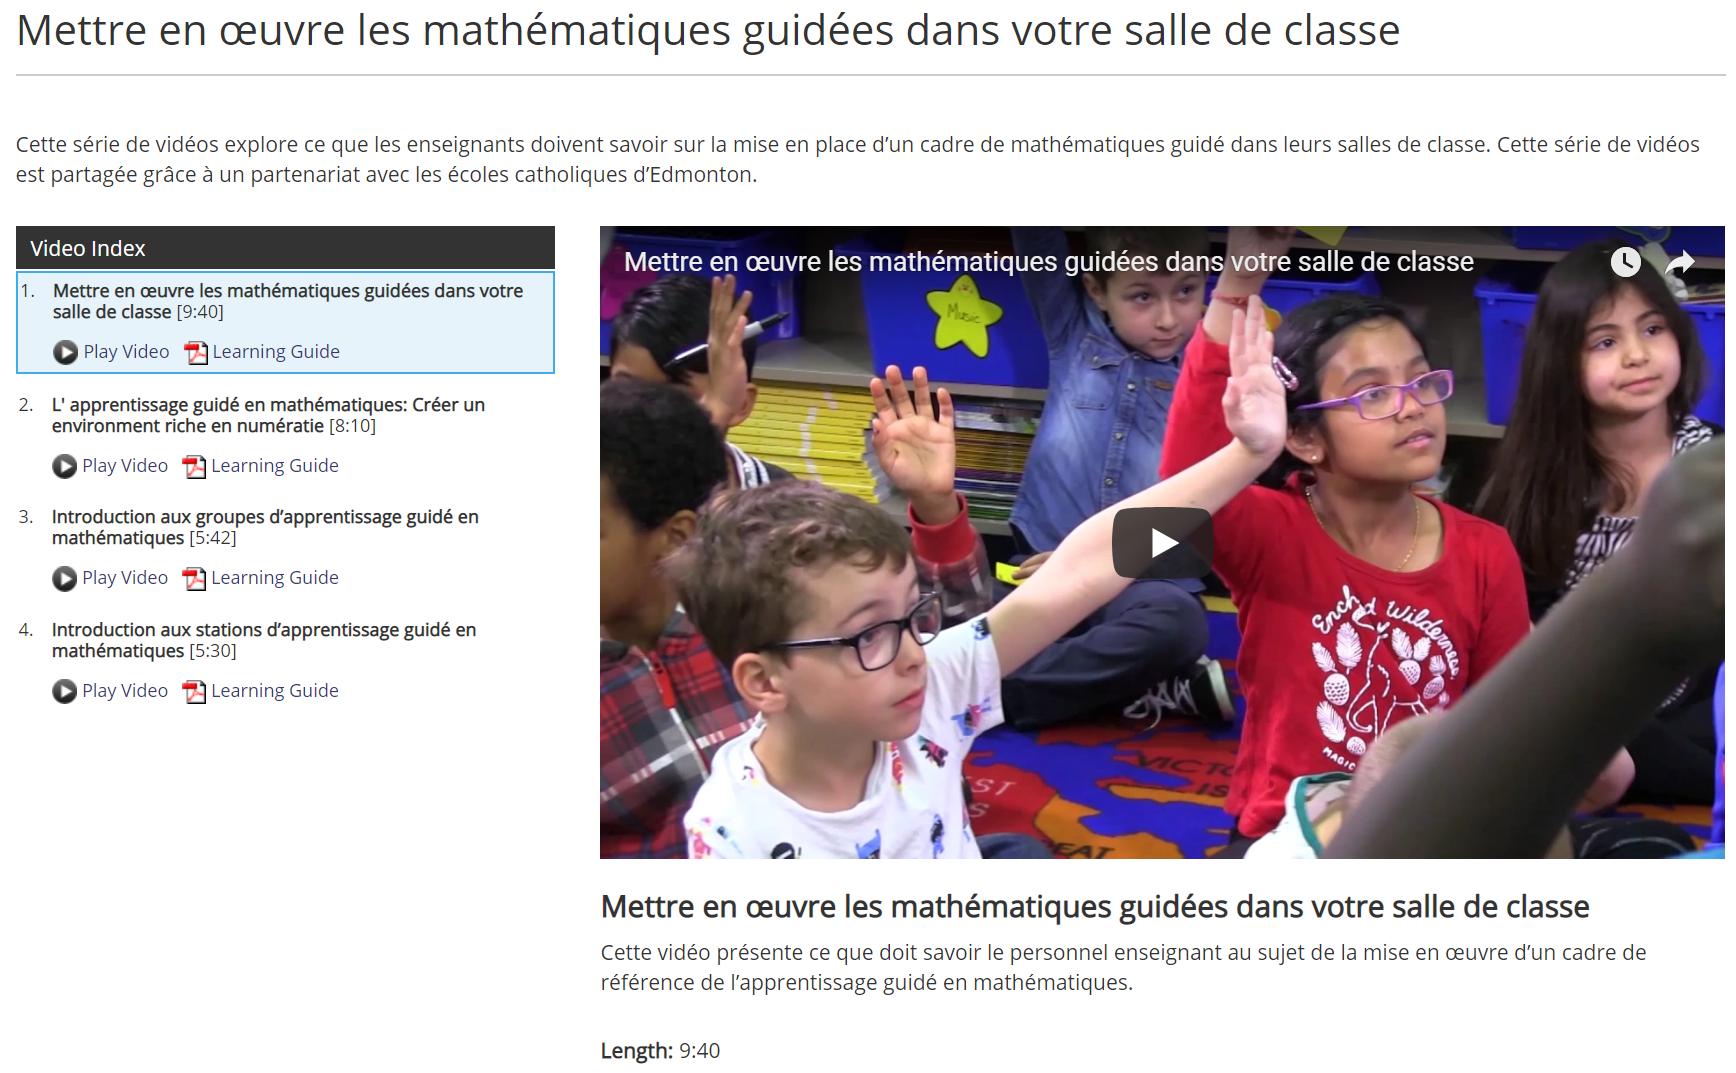 Mettre en œuvre les mathématiques guidées dans votre salle de classe